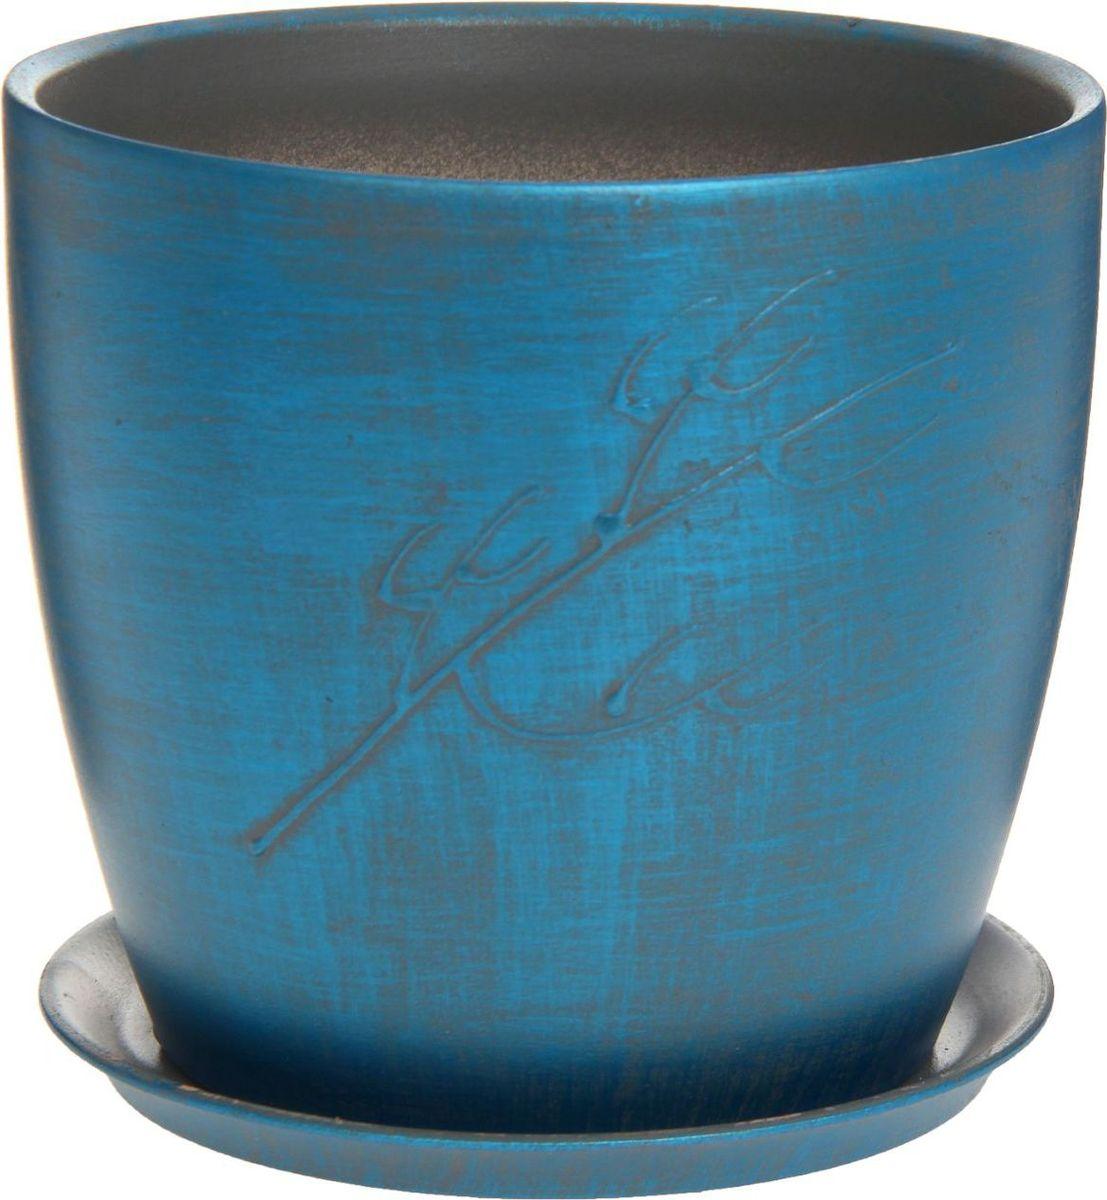 Кашпо Керамика ручной работы Осень. Патина, цвет: синий, 3 л1170350Комнатные растения — всеобщие любимцы. Они радуют глаз, насыщают помещение кислородом и украшают пространство. Каждому из них необходим свой удобный и красивый дом. Кашпо из керамики прекрасно подходят для высадки растений: за счет пластичности глины и разных способов обработки существует великое множество форм и дизайнов пористый материал позволяет испаряться лишней влаге воздух, необходимый для дыхания корней, проникает сквозь керамические стенки! позаботится о зеленом питомце, освежит интерьер и подчеркнет его стиль.